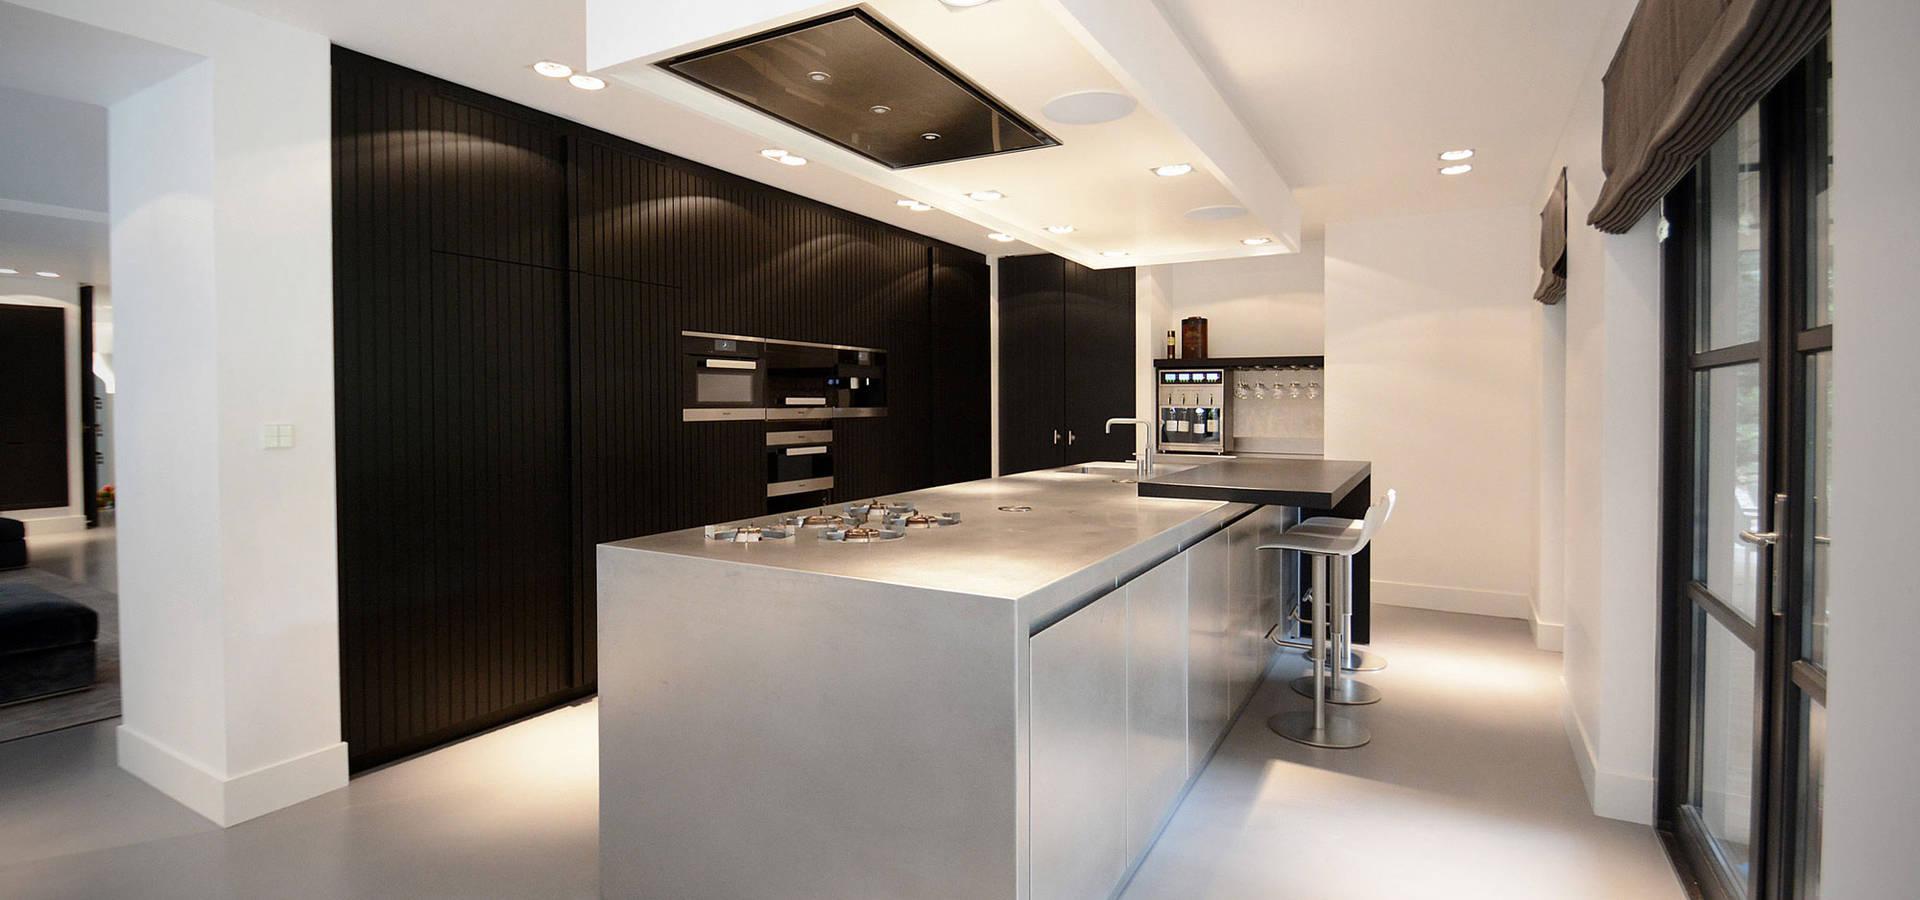 Keuken oss door ecker keukens en interieur homify for Interieur keukens